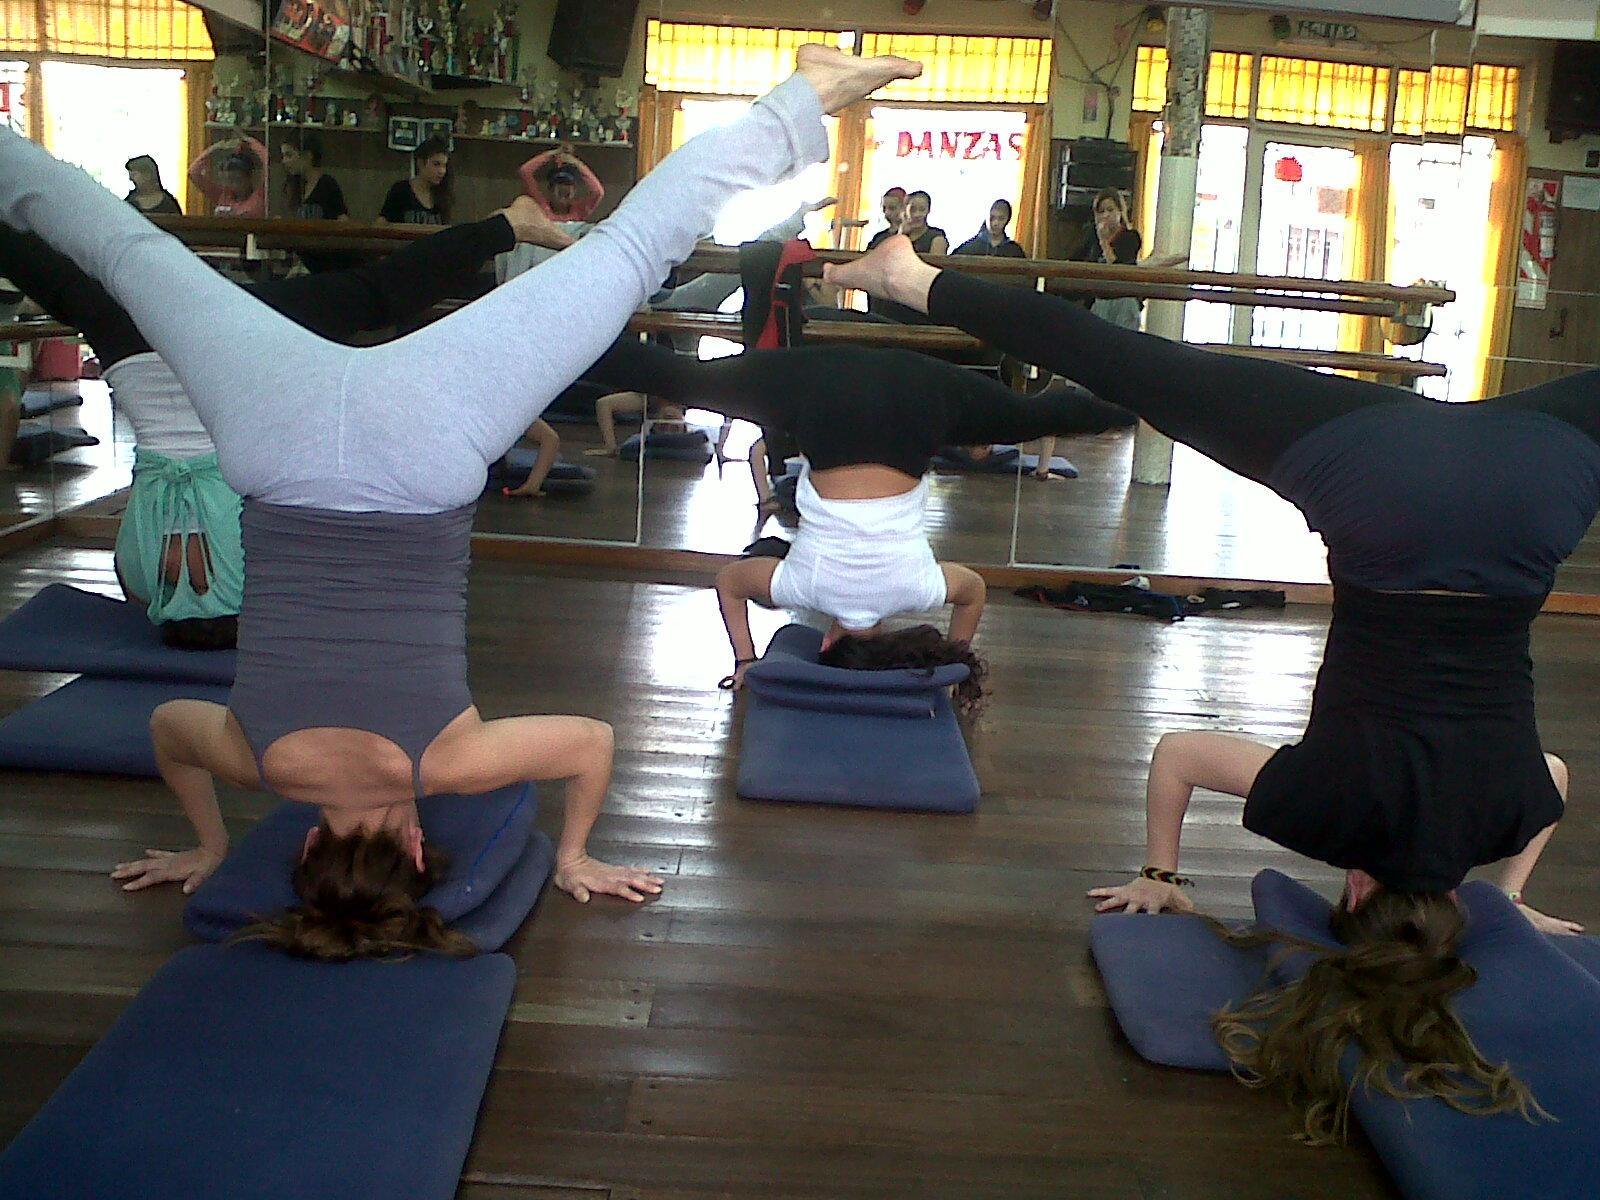 Programa entrenamiento una forma diferente de entrenar for Definicion de gimnasia